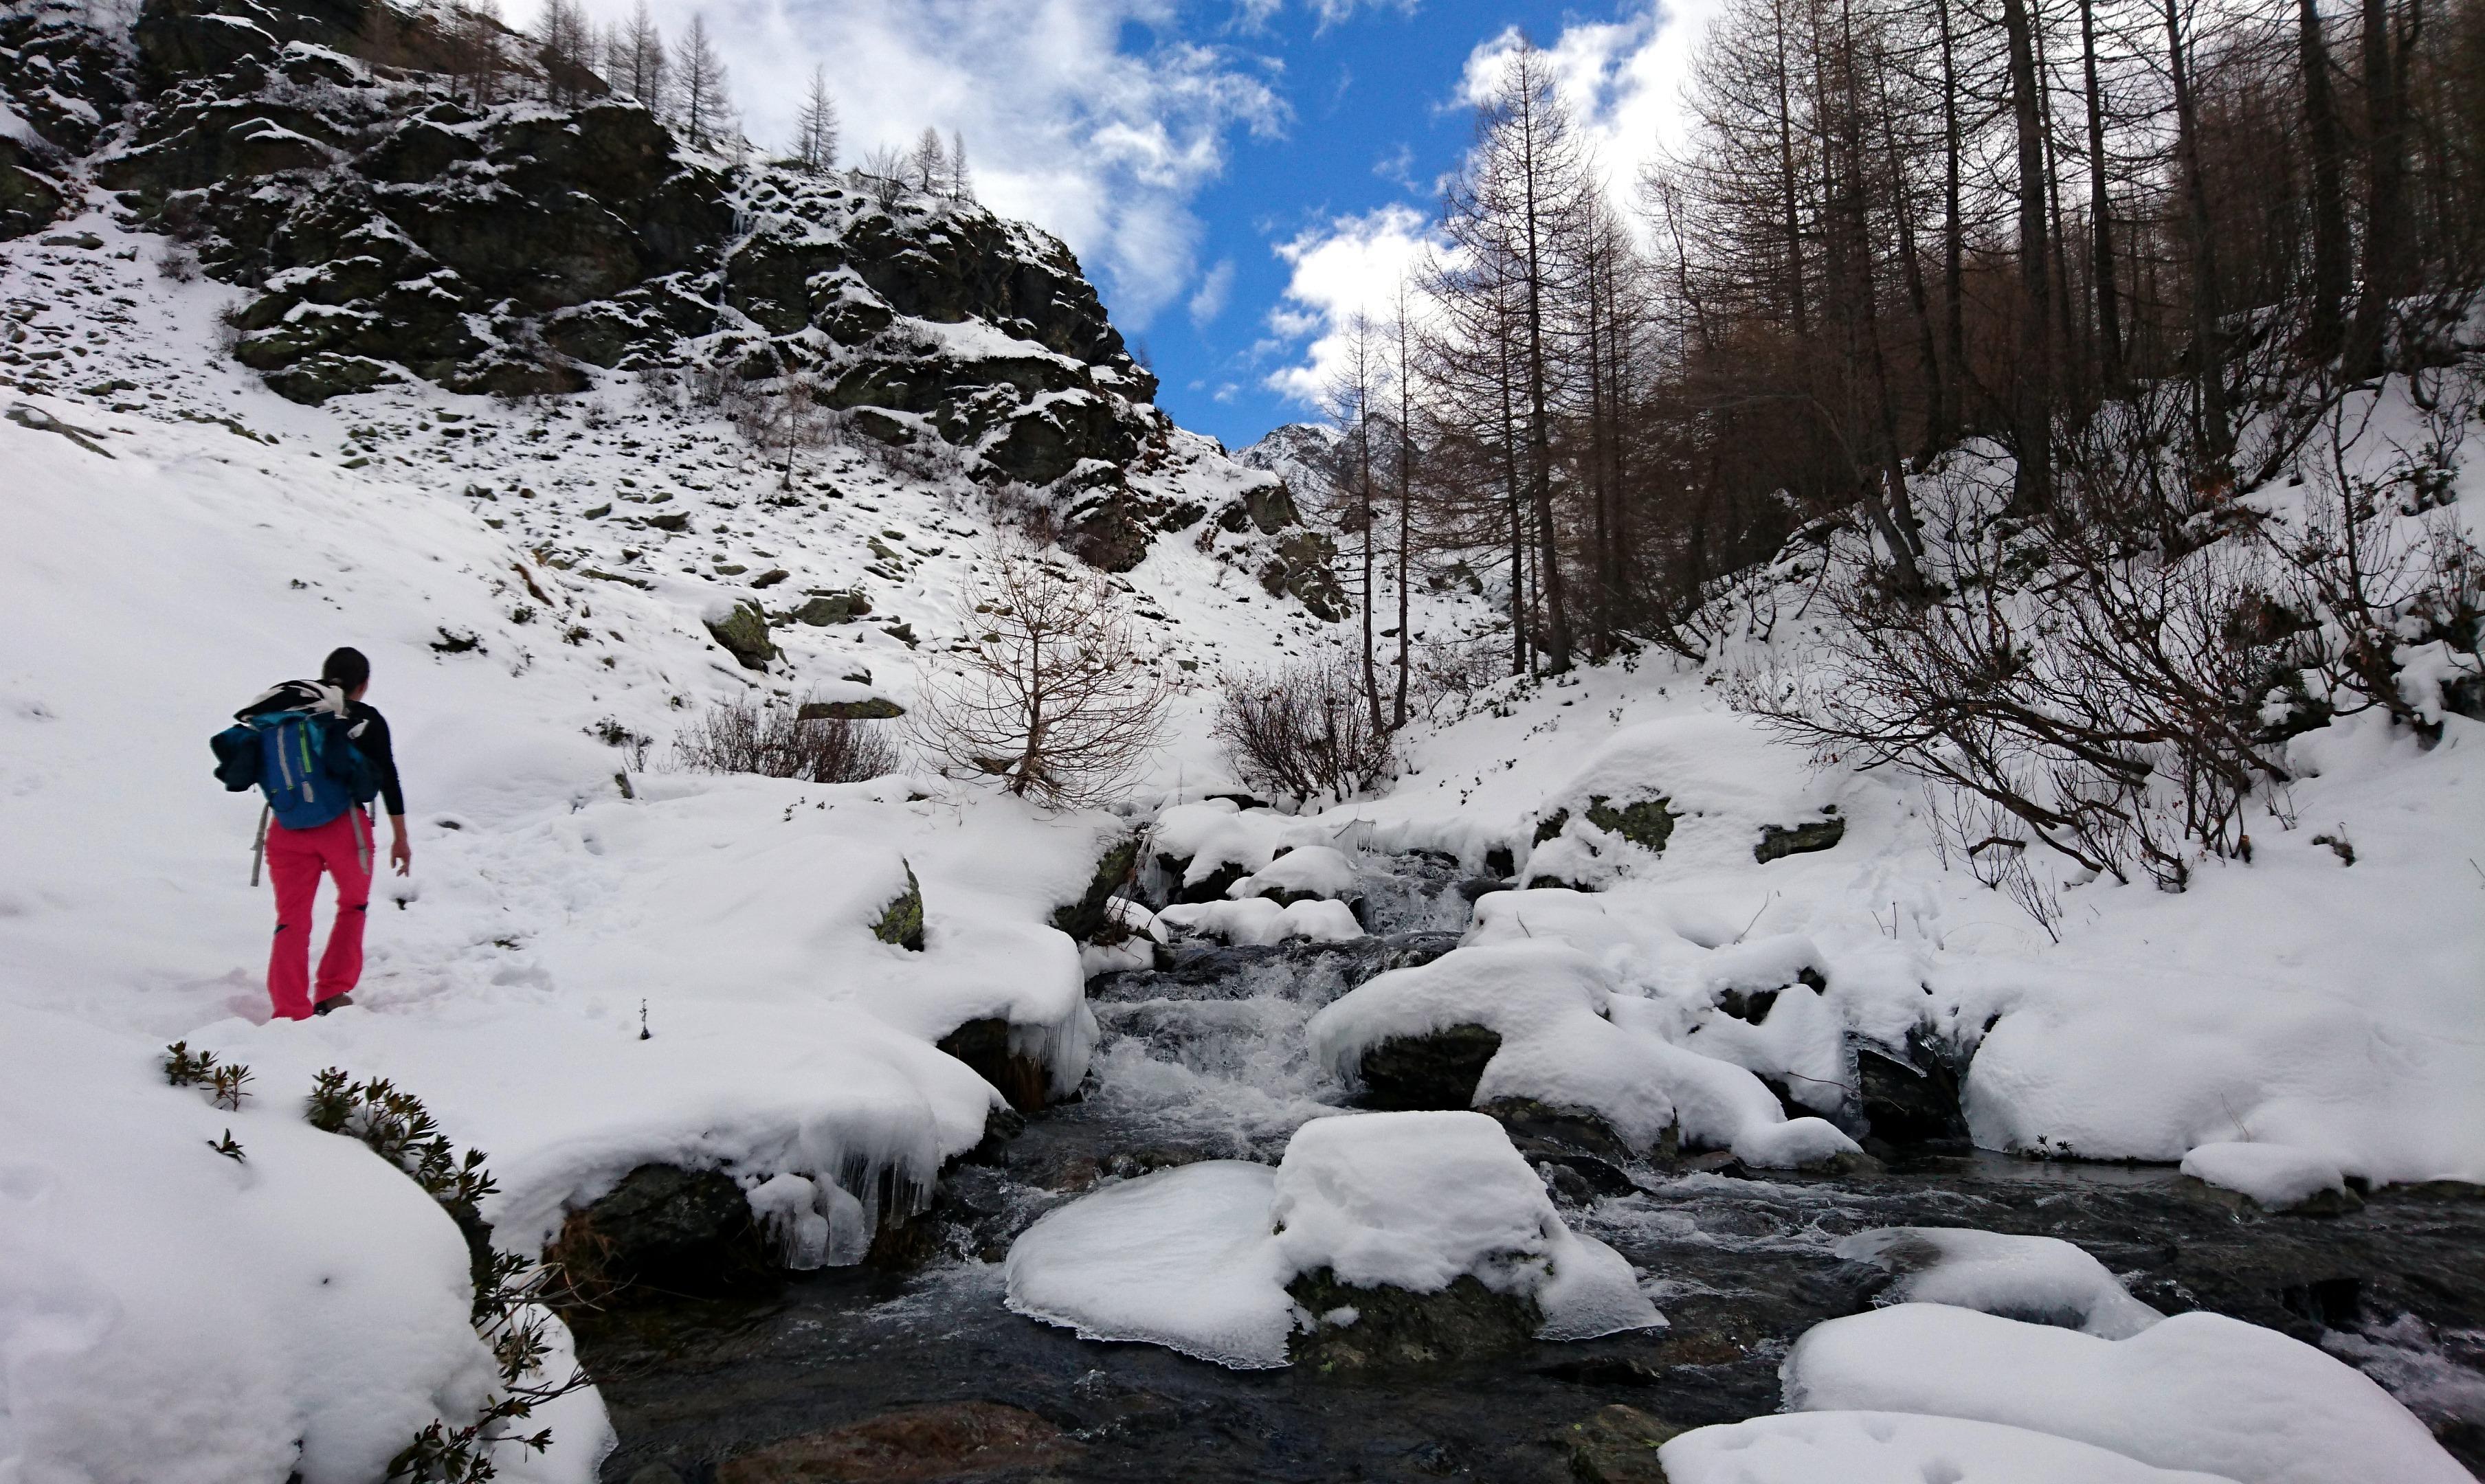 Nella parte alta la neve inizia ad essere un po' più presente regalando scorci molto belli